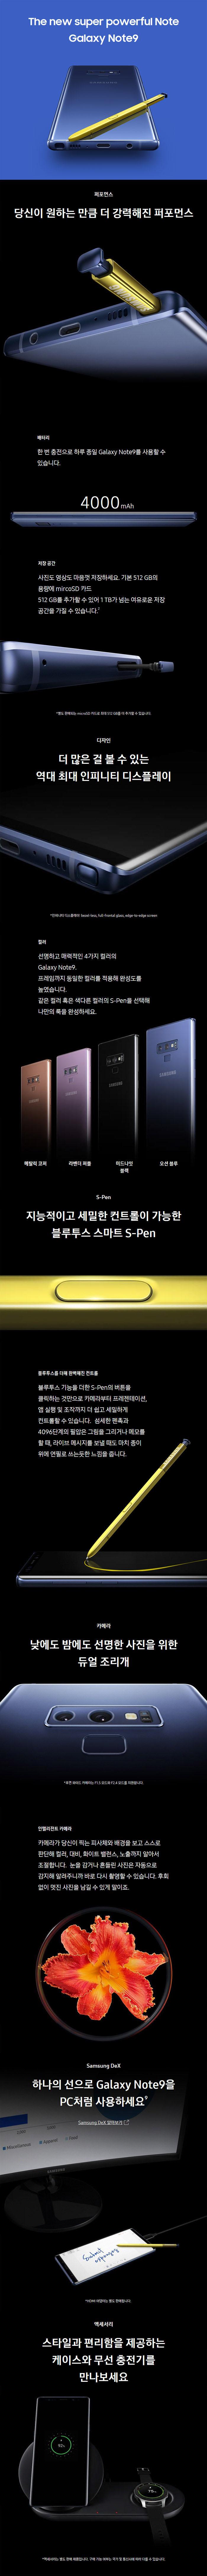 SM-N960.jpg